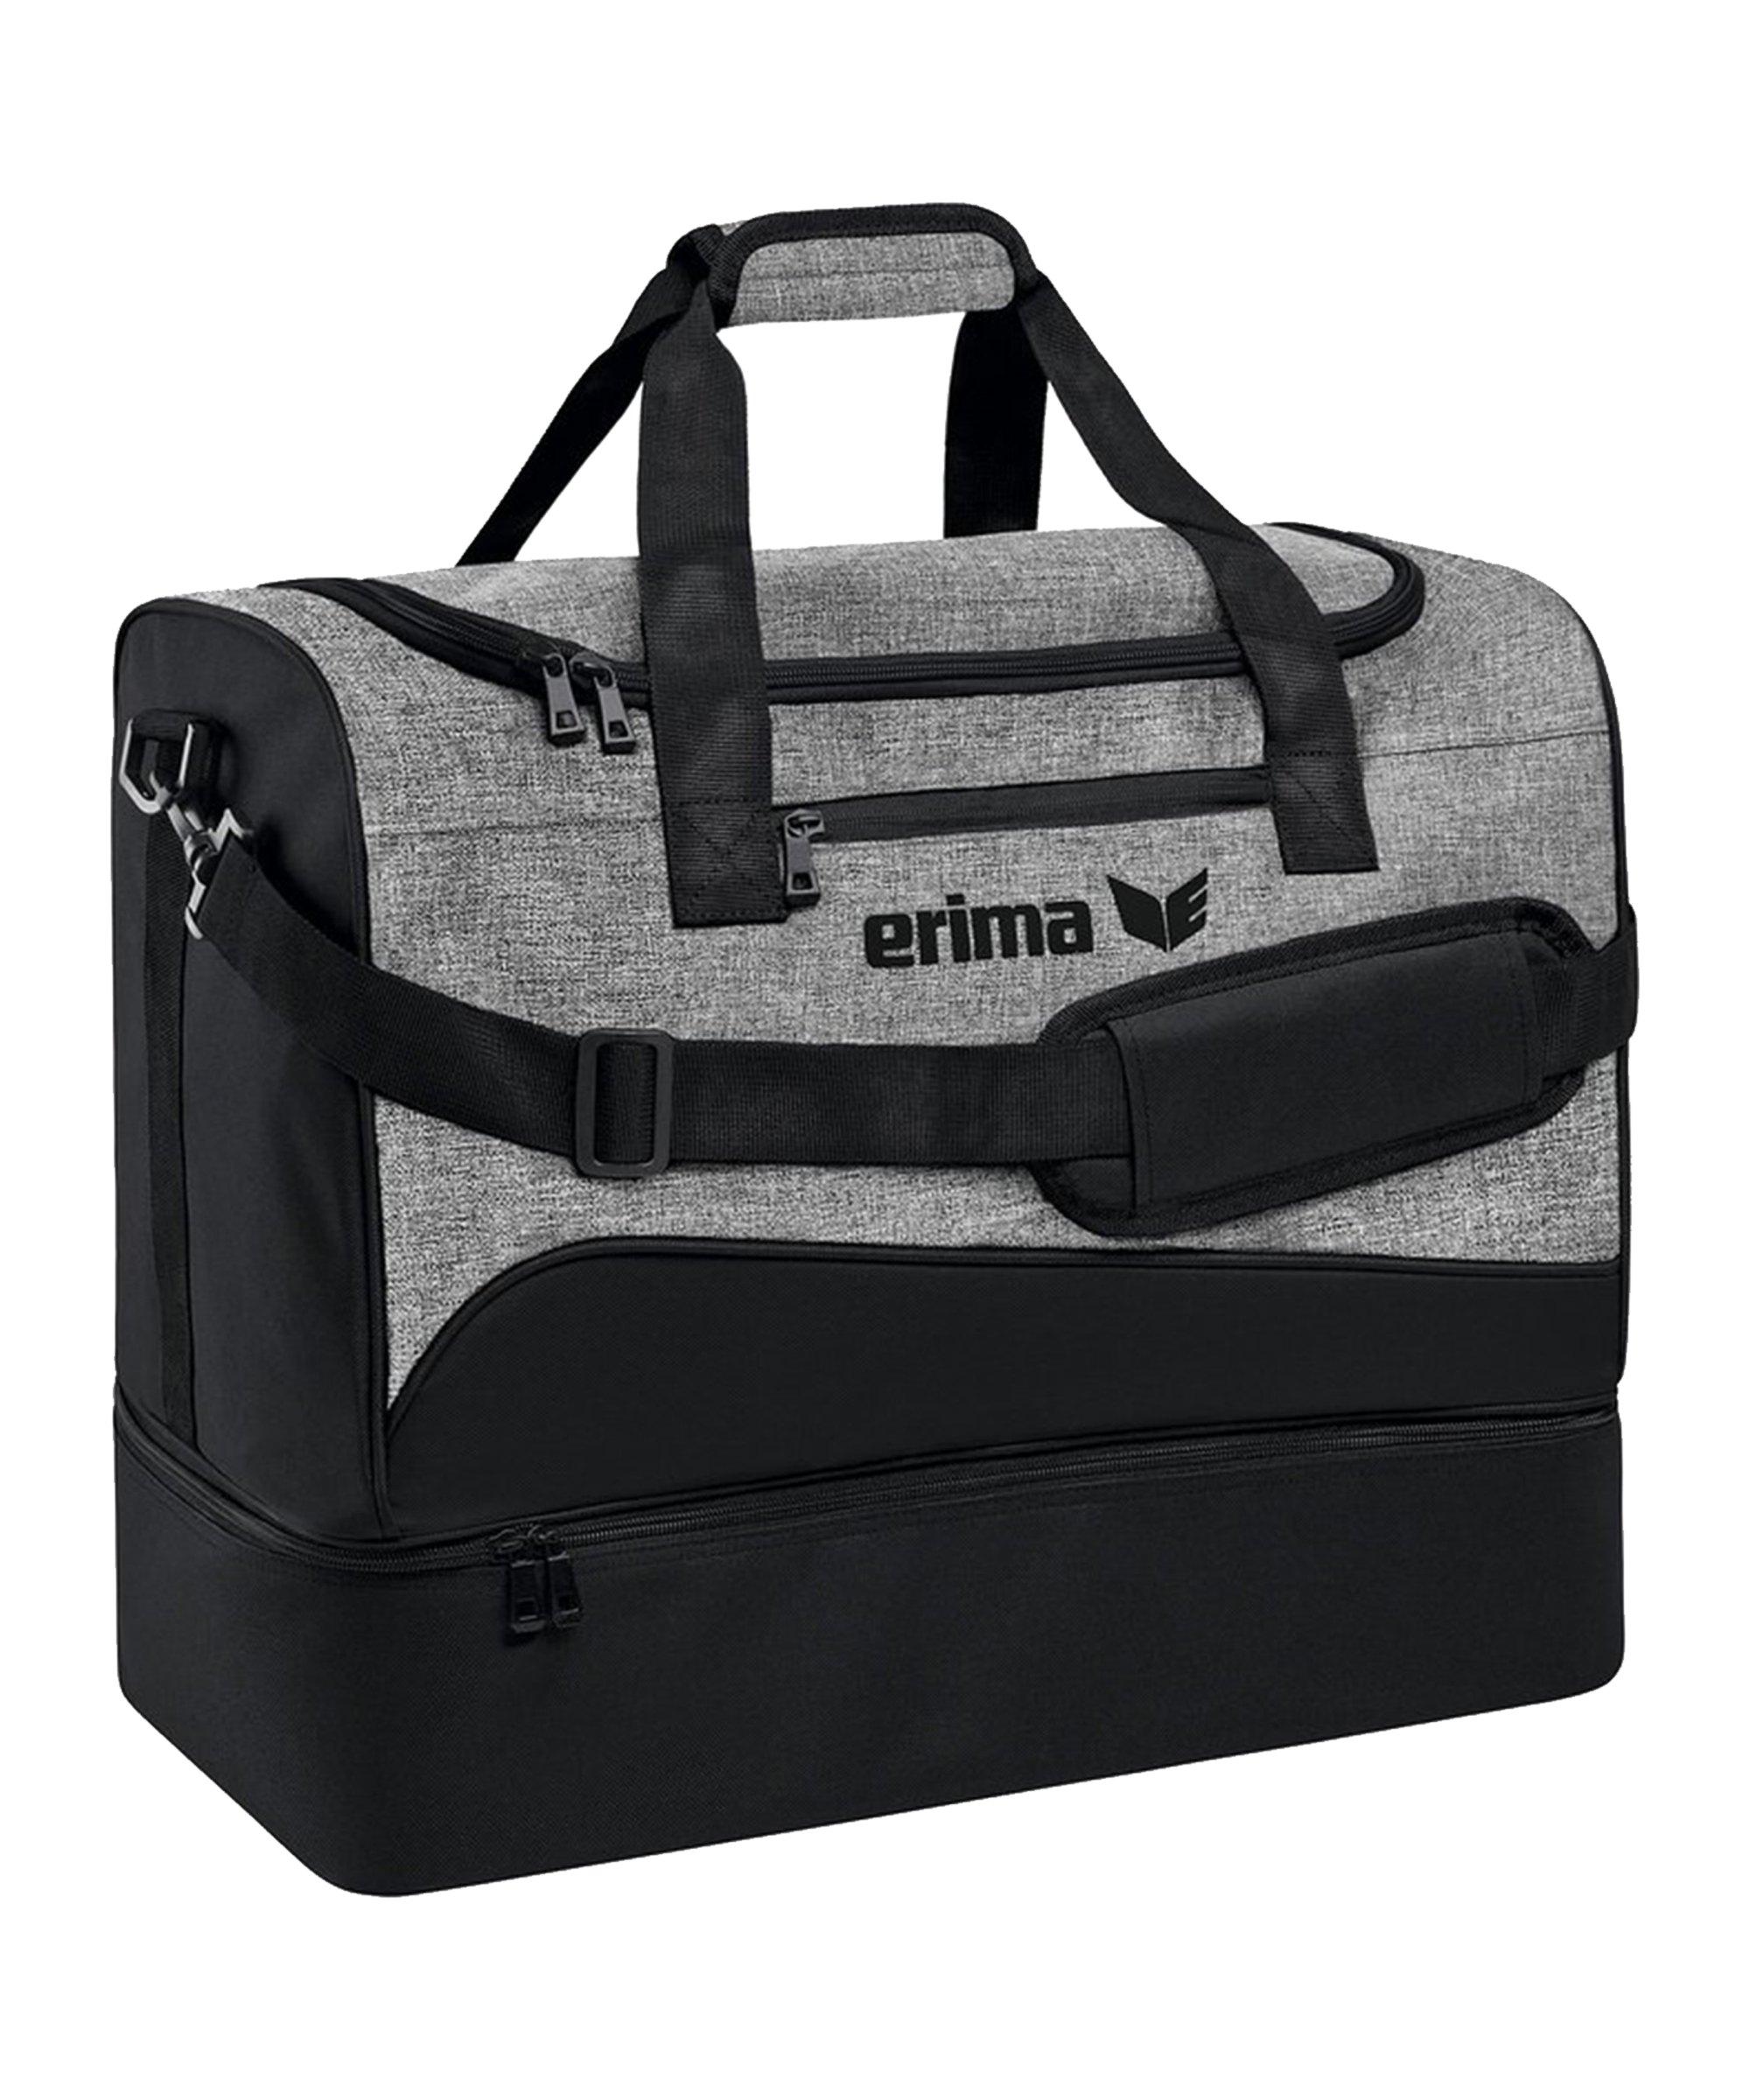 Erima Club 1900 Tasche mit Bodenfach Gr. M Schwarz - schwarz